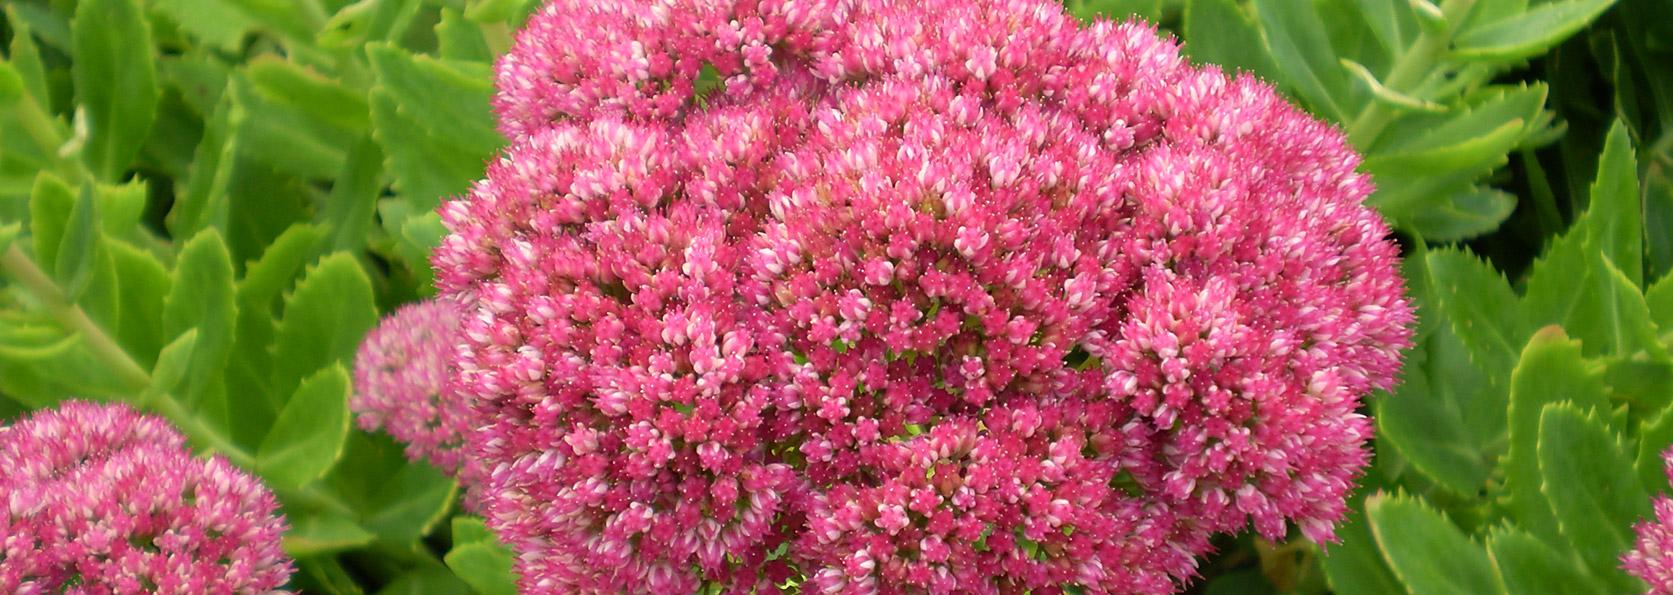 Im Your Gardens Bff Rohslers Allendale Nursery Garden Center